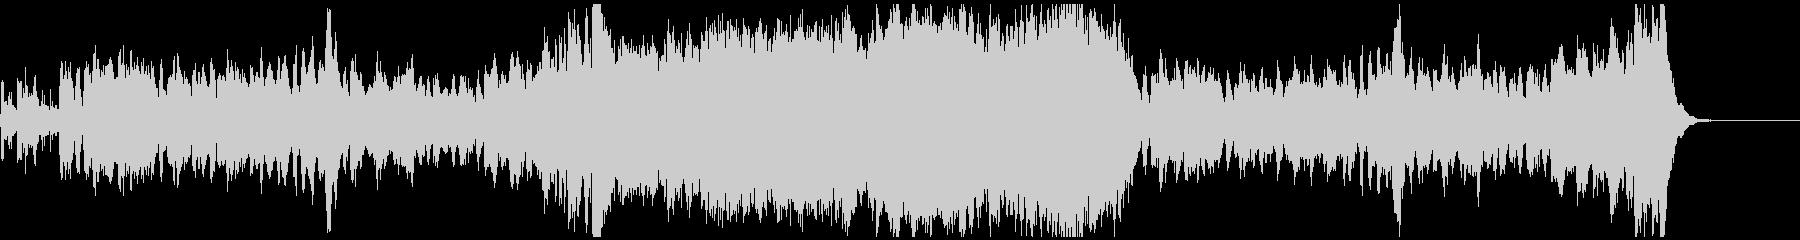 弦楽四重奏1の未再生の波形